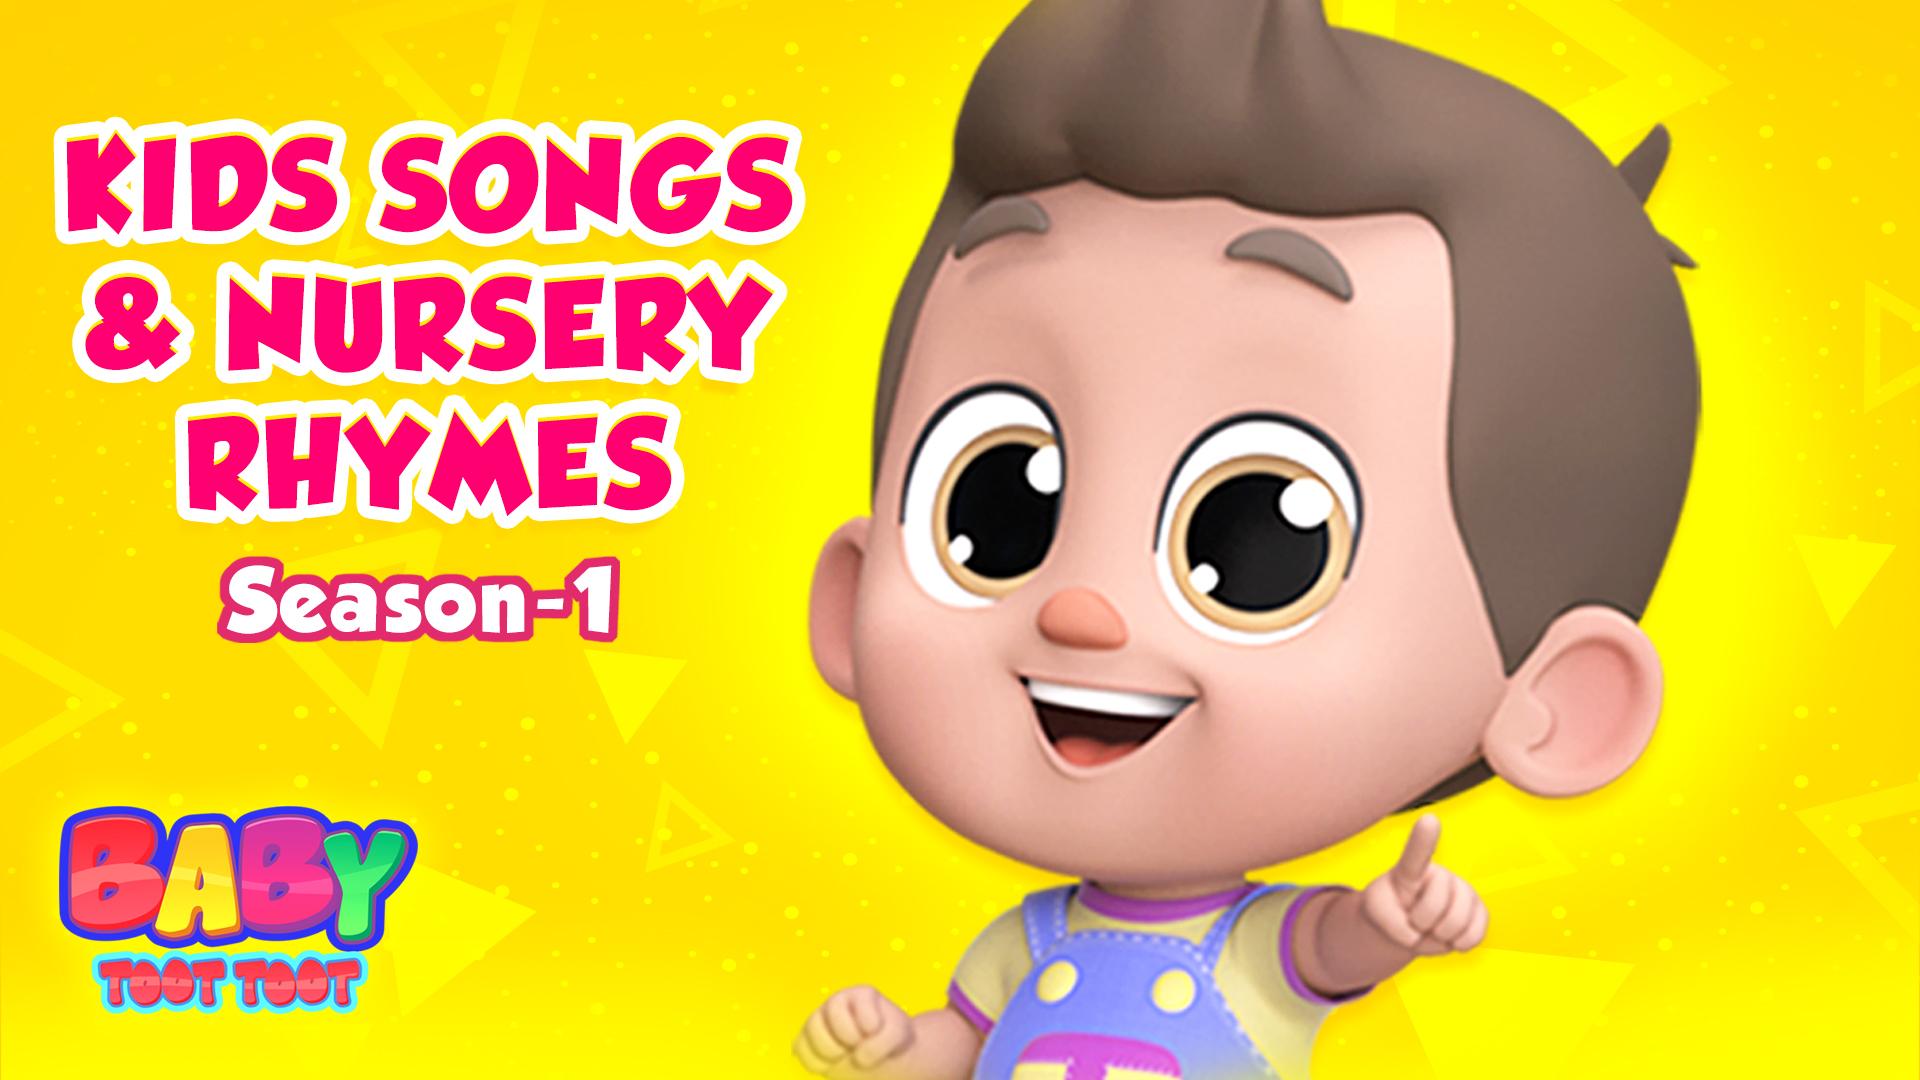 Baby Toot Toot Kids Songs & Nursery Rhymes